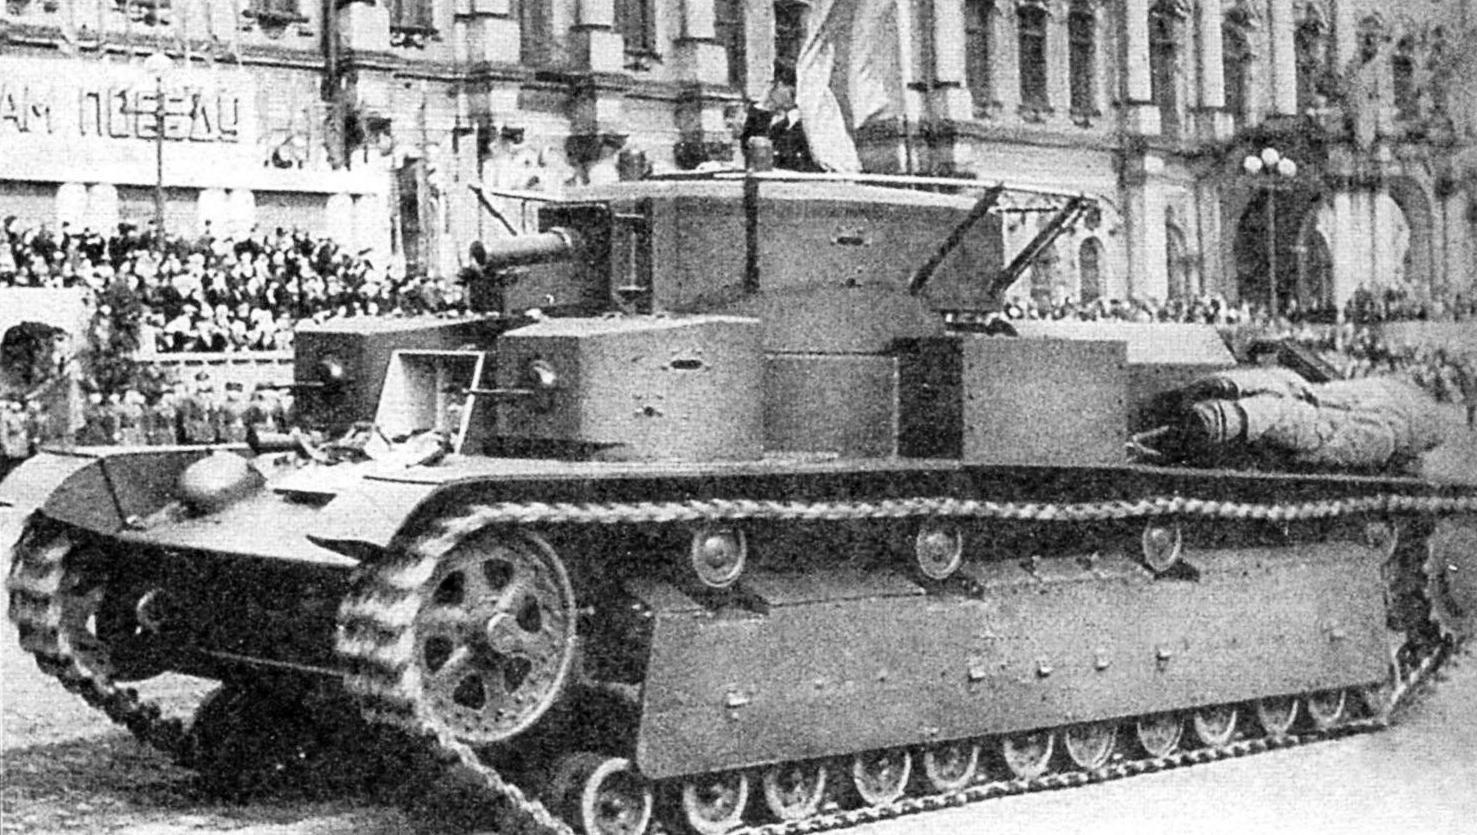 Танк Т-28 обр. 1936 г. классической трёхбашенной компоновки с двухъярусным расположением пушечно-пулемётного вооружения. Парад бронетехники в Ленинграде